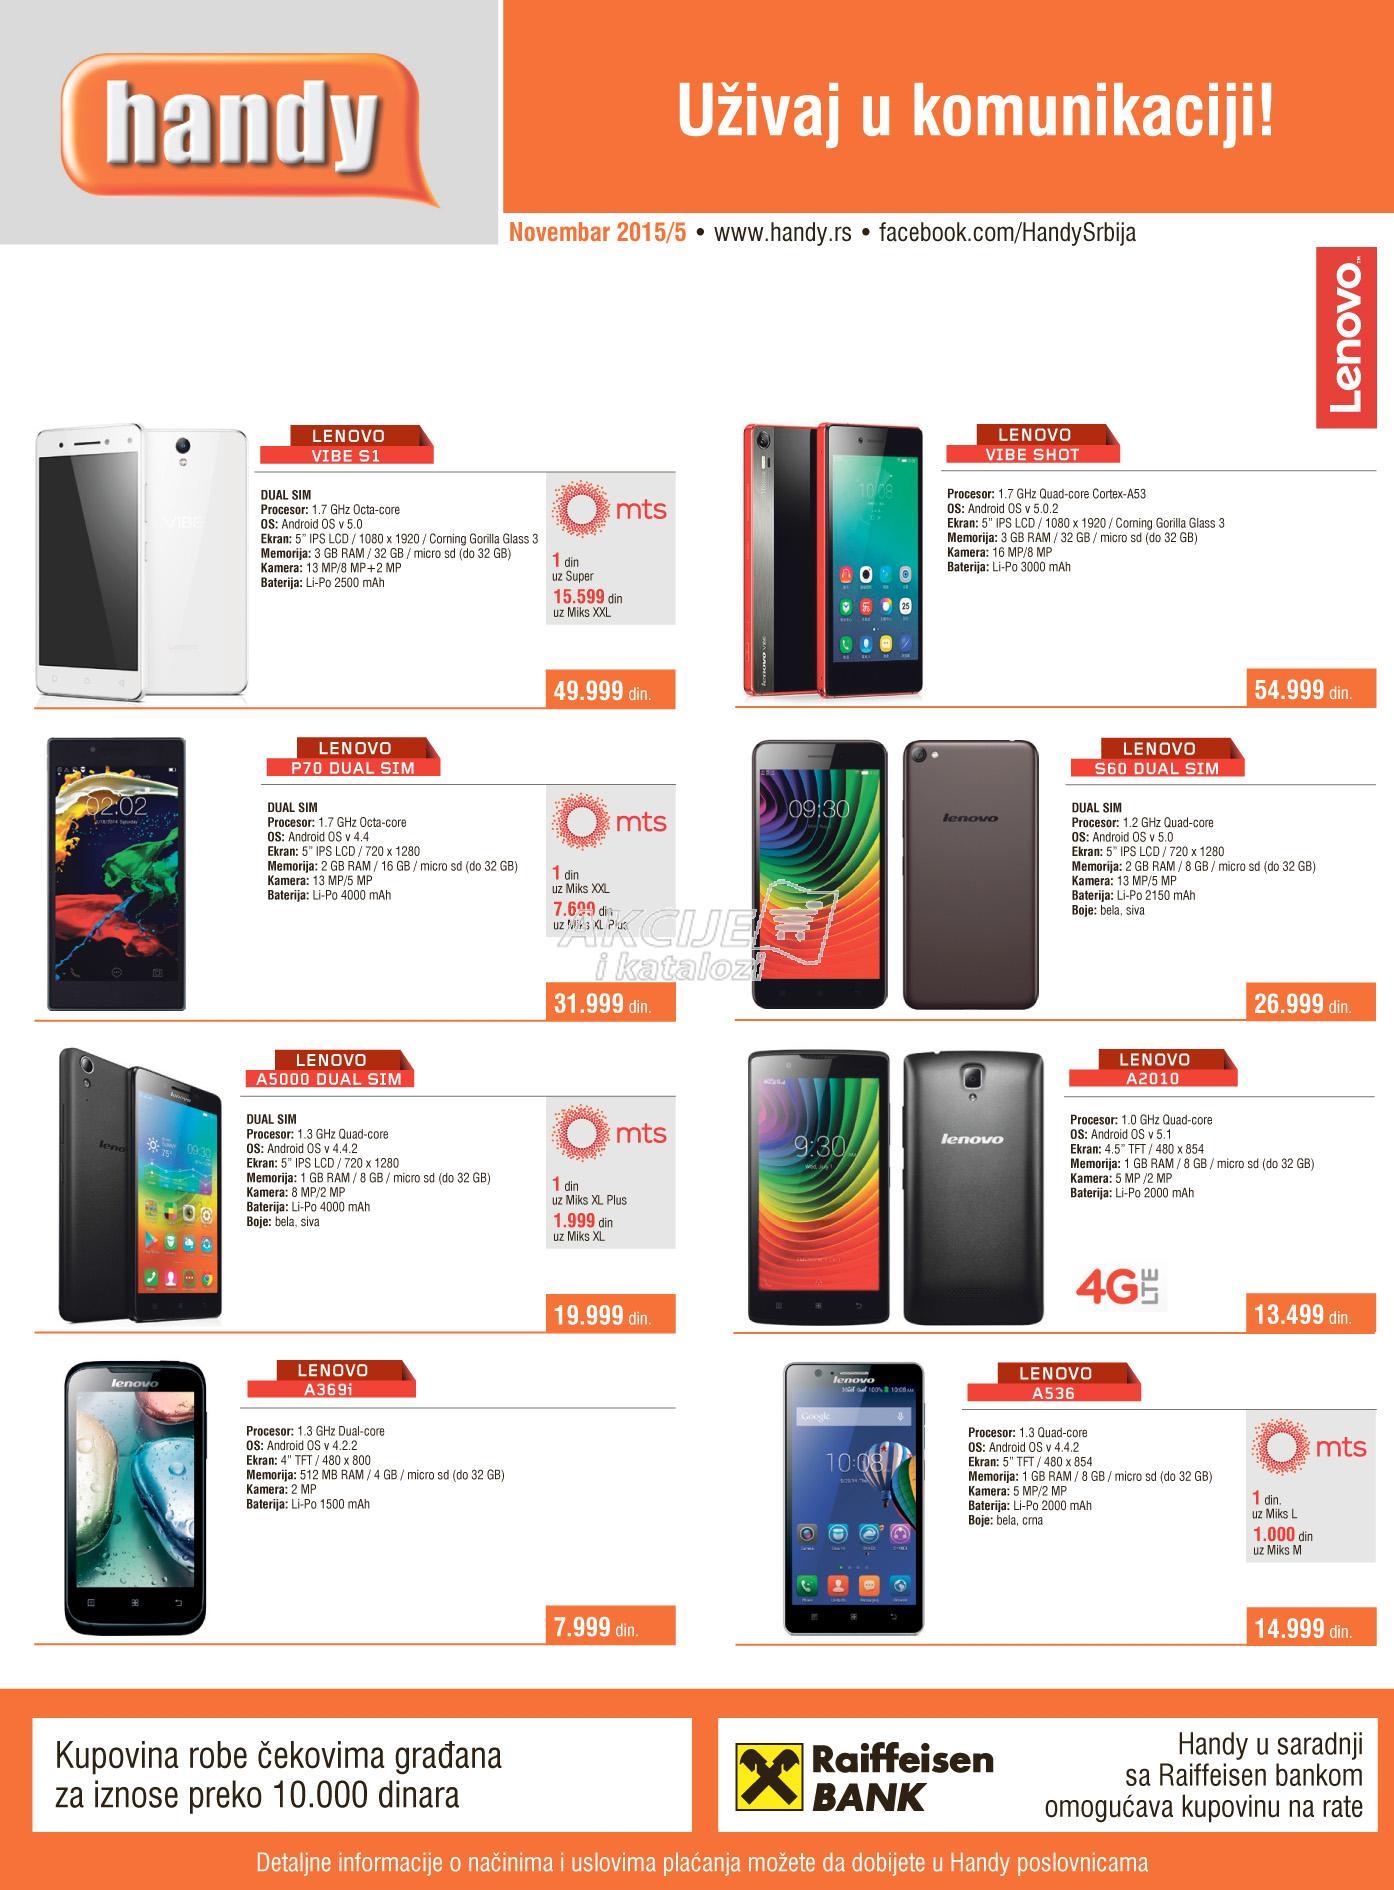 Handy - Redovna akcija odlične kupovine